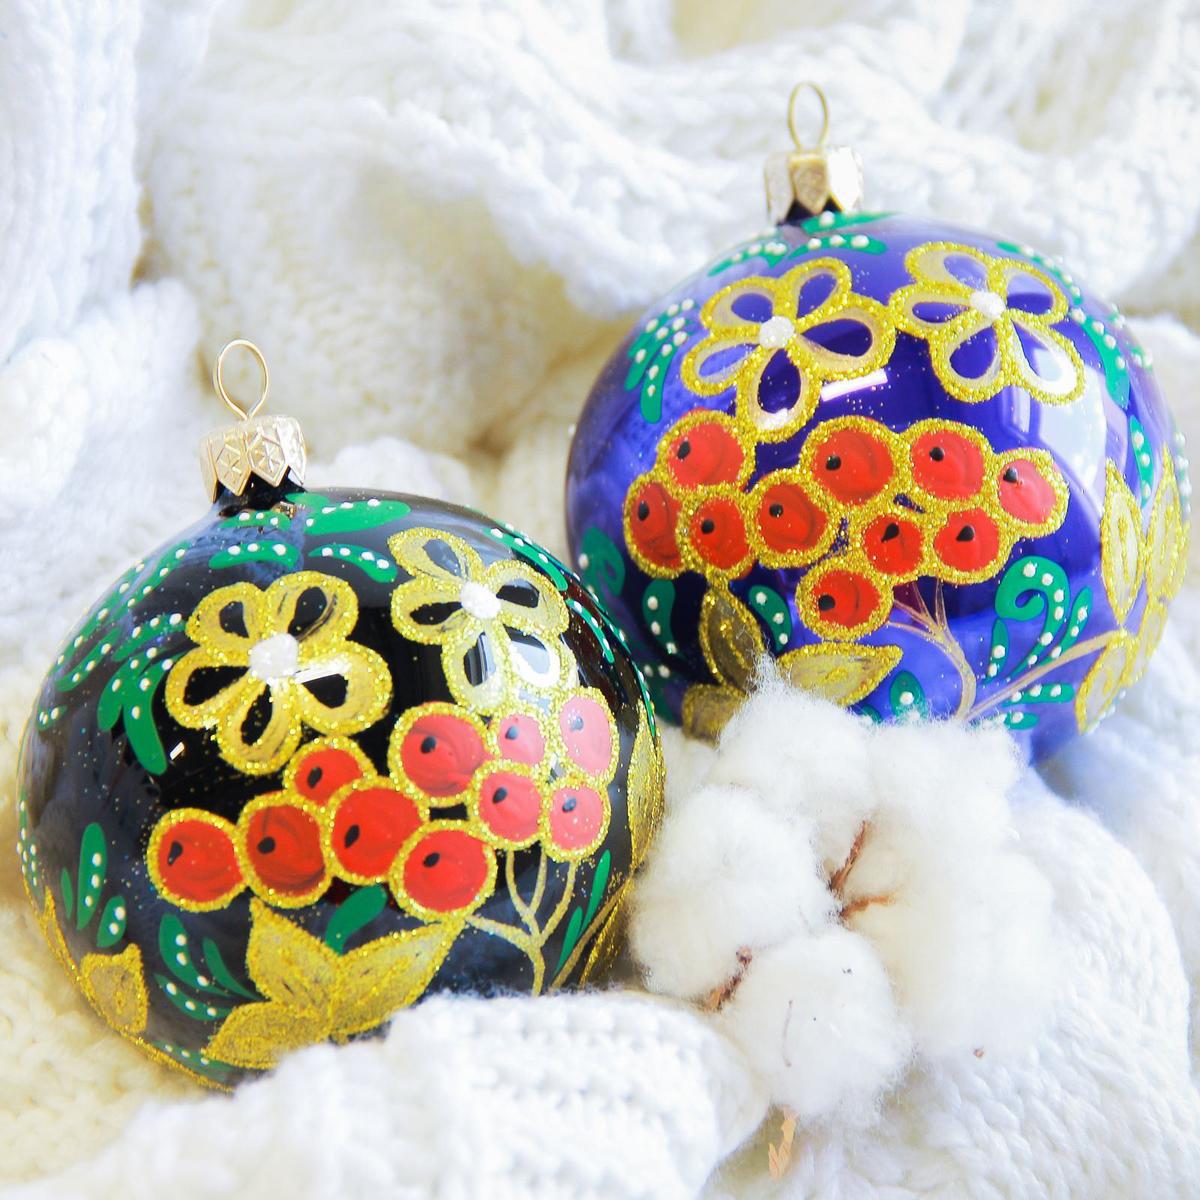 Украшение новогоднее елочное Иней Рябинка, диаметр 8,5 см2555477Новогоднее подвесное украшение Иней отлично подойдет для декорации вашего дома и новогодней ели. Новогоднее украшение можно повесить в любом понравившемся вам месте. Но, конечно, удачнее всего оно будет смотреться на праздничной елке.Елочная игрушка - символ Нового года. Она несет в себе волшебство и красоту праздника. Такое украшение создаст в вашем доме атмосферу праздника, веселья и радости.